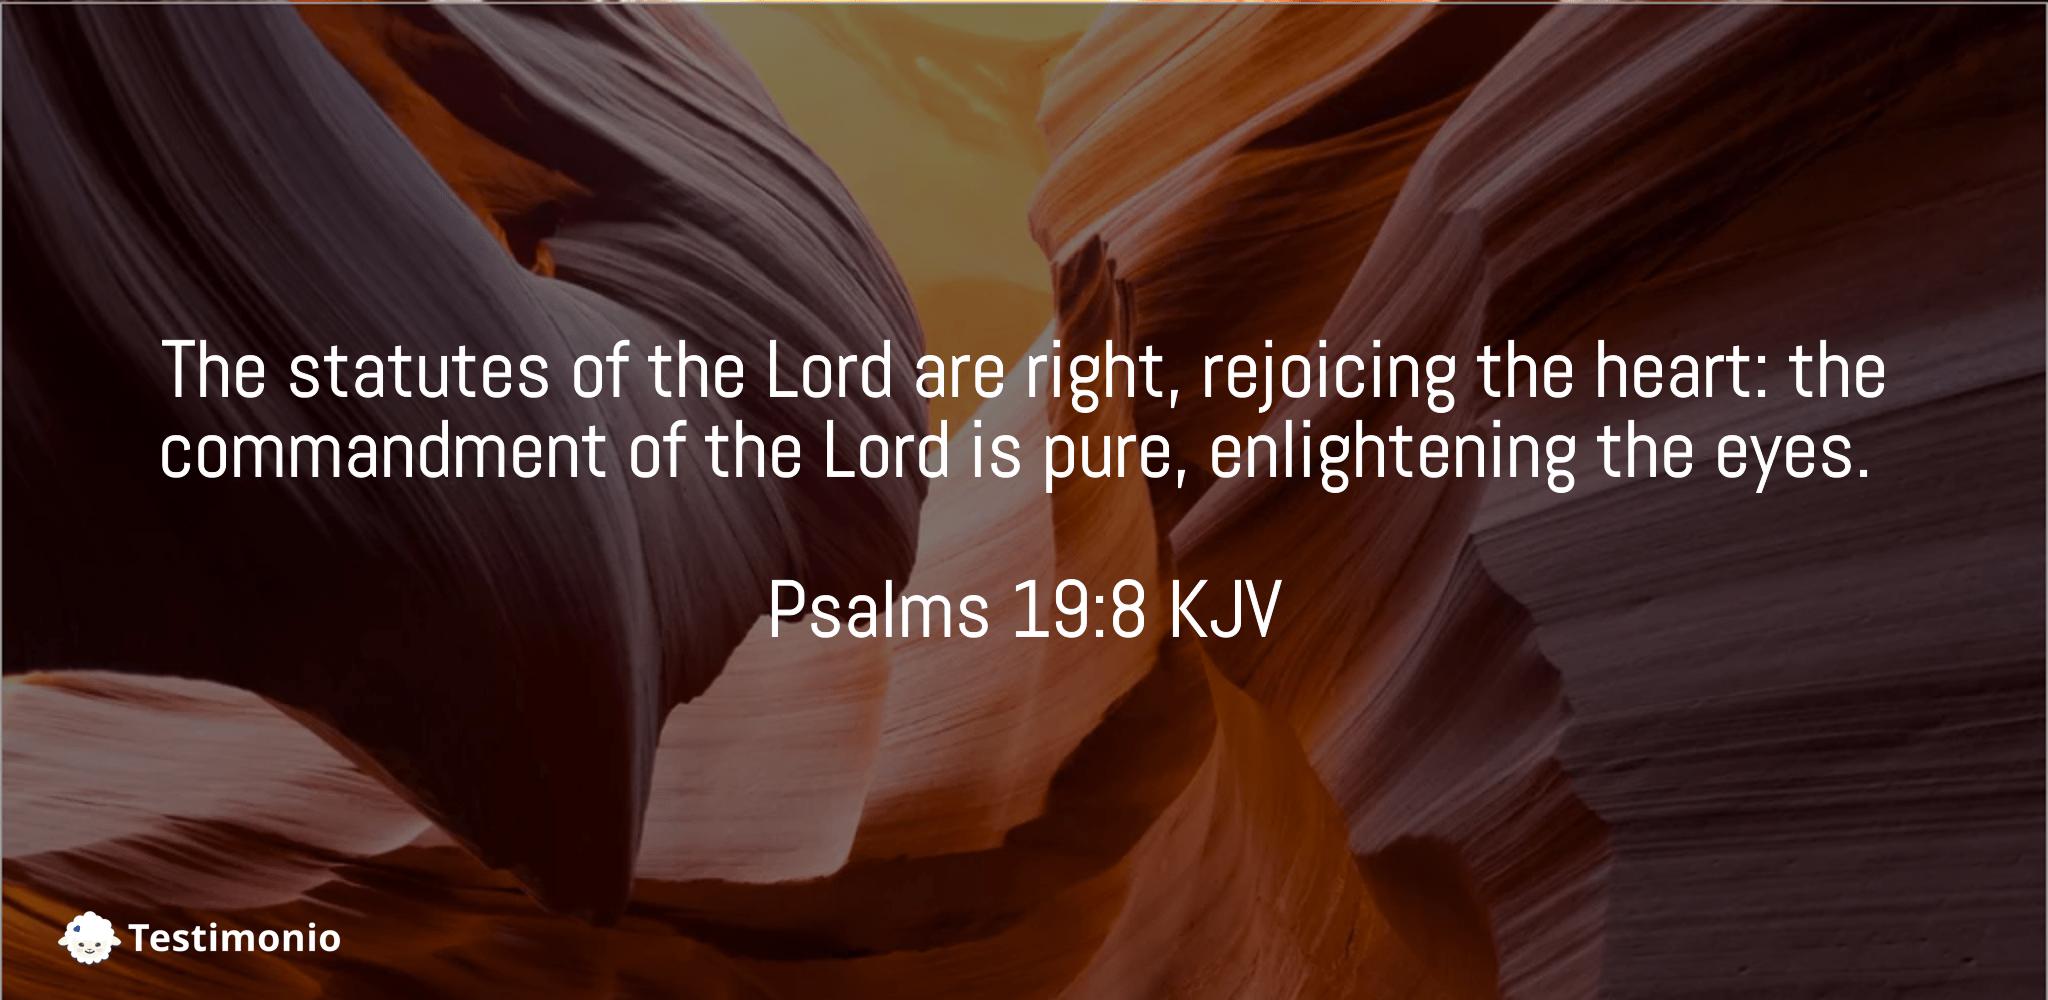 Psalms 19:8